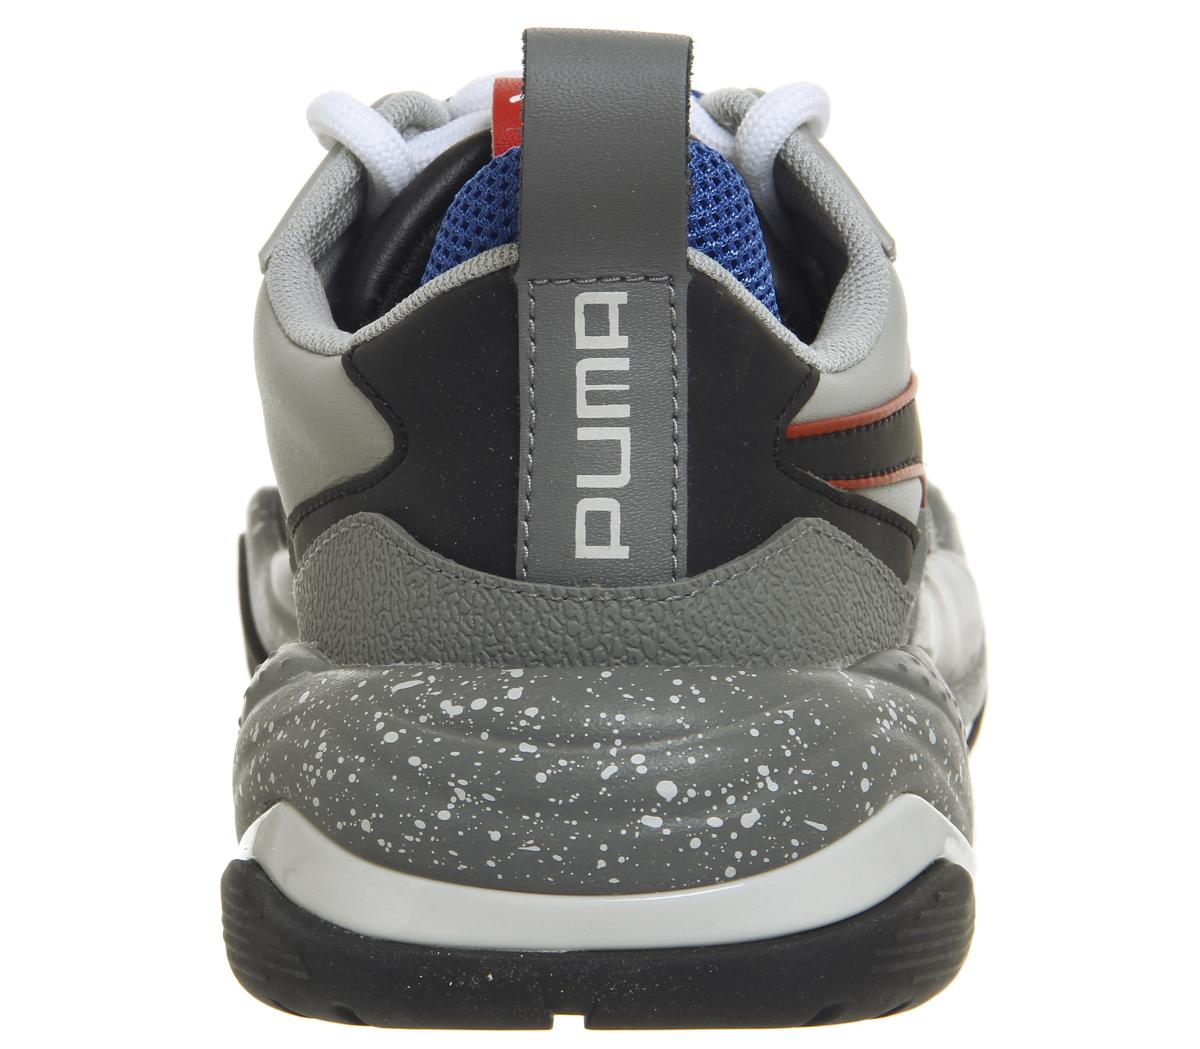 detailed look f31b3 9e8a9 SENTINEL Puma Womens Thunder elettrico formatori grigio viola PUMA  allenatori nero scarpe